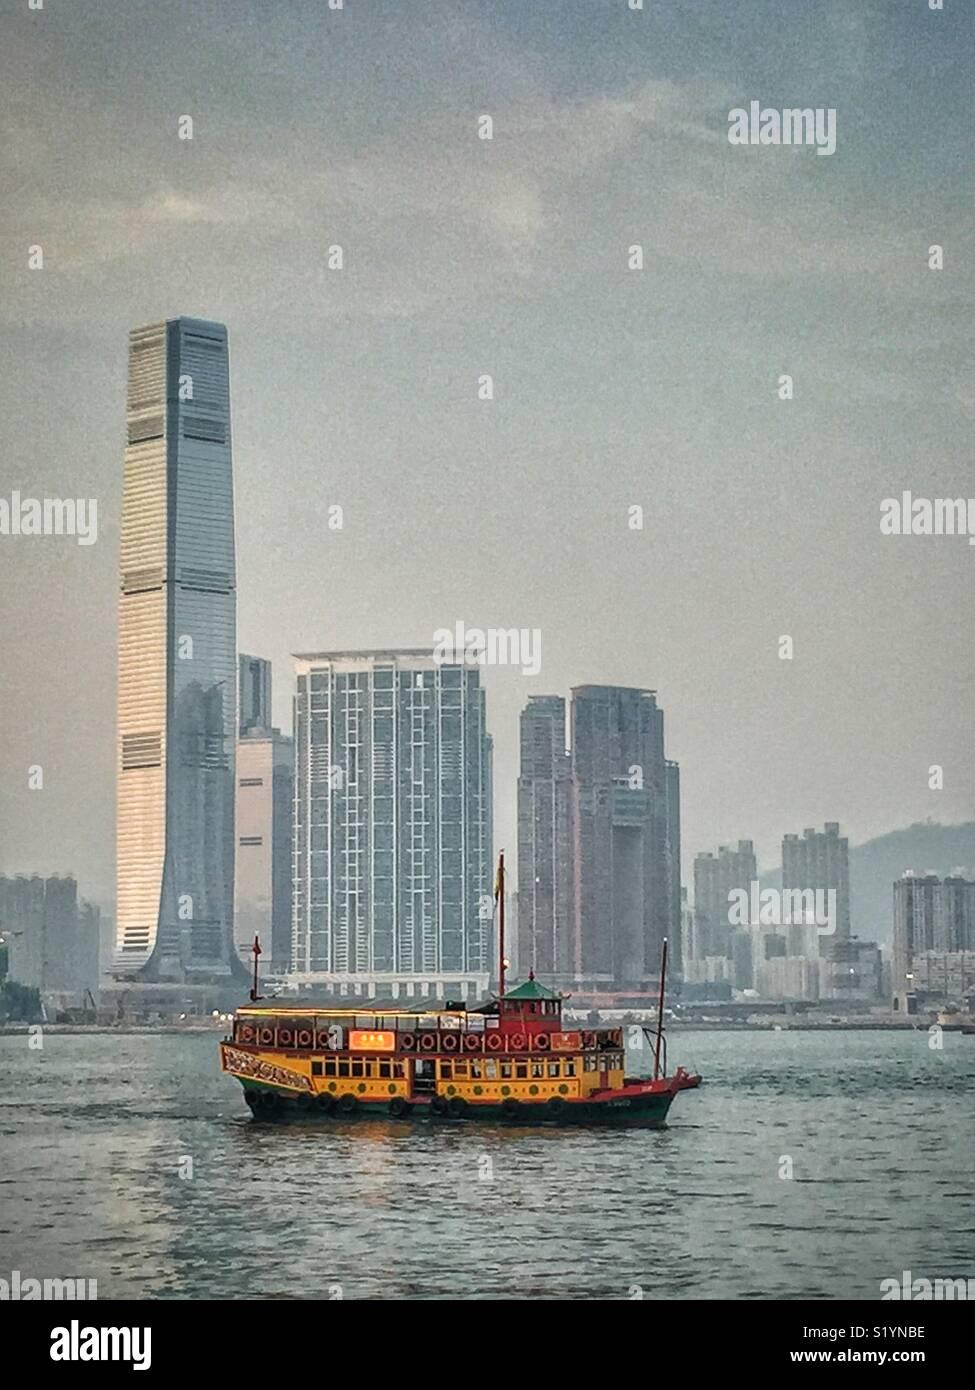 """El """"ala"""" de viaje, un double decker junco chino, llevando a los turistas en un crucero por el Puerto Victoria en penumbra, en frente de la CPI, el rascacielos más alto de Hong Kong, en el oeste de Kowloon Imagen De Stock"""